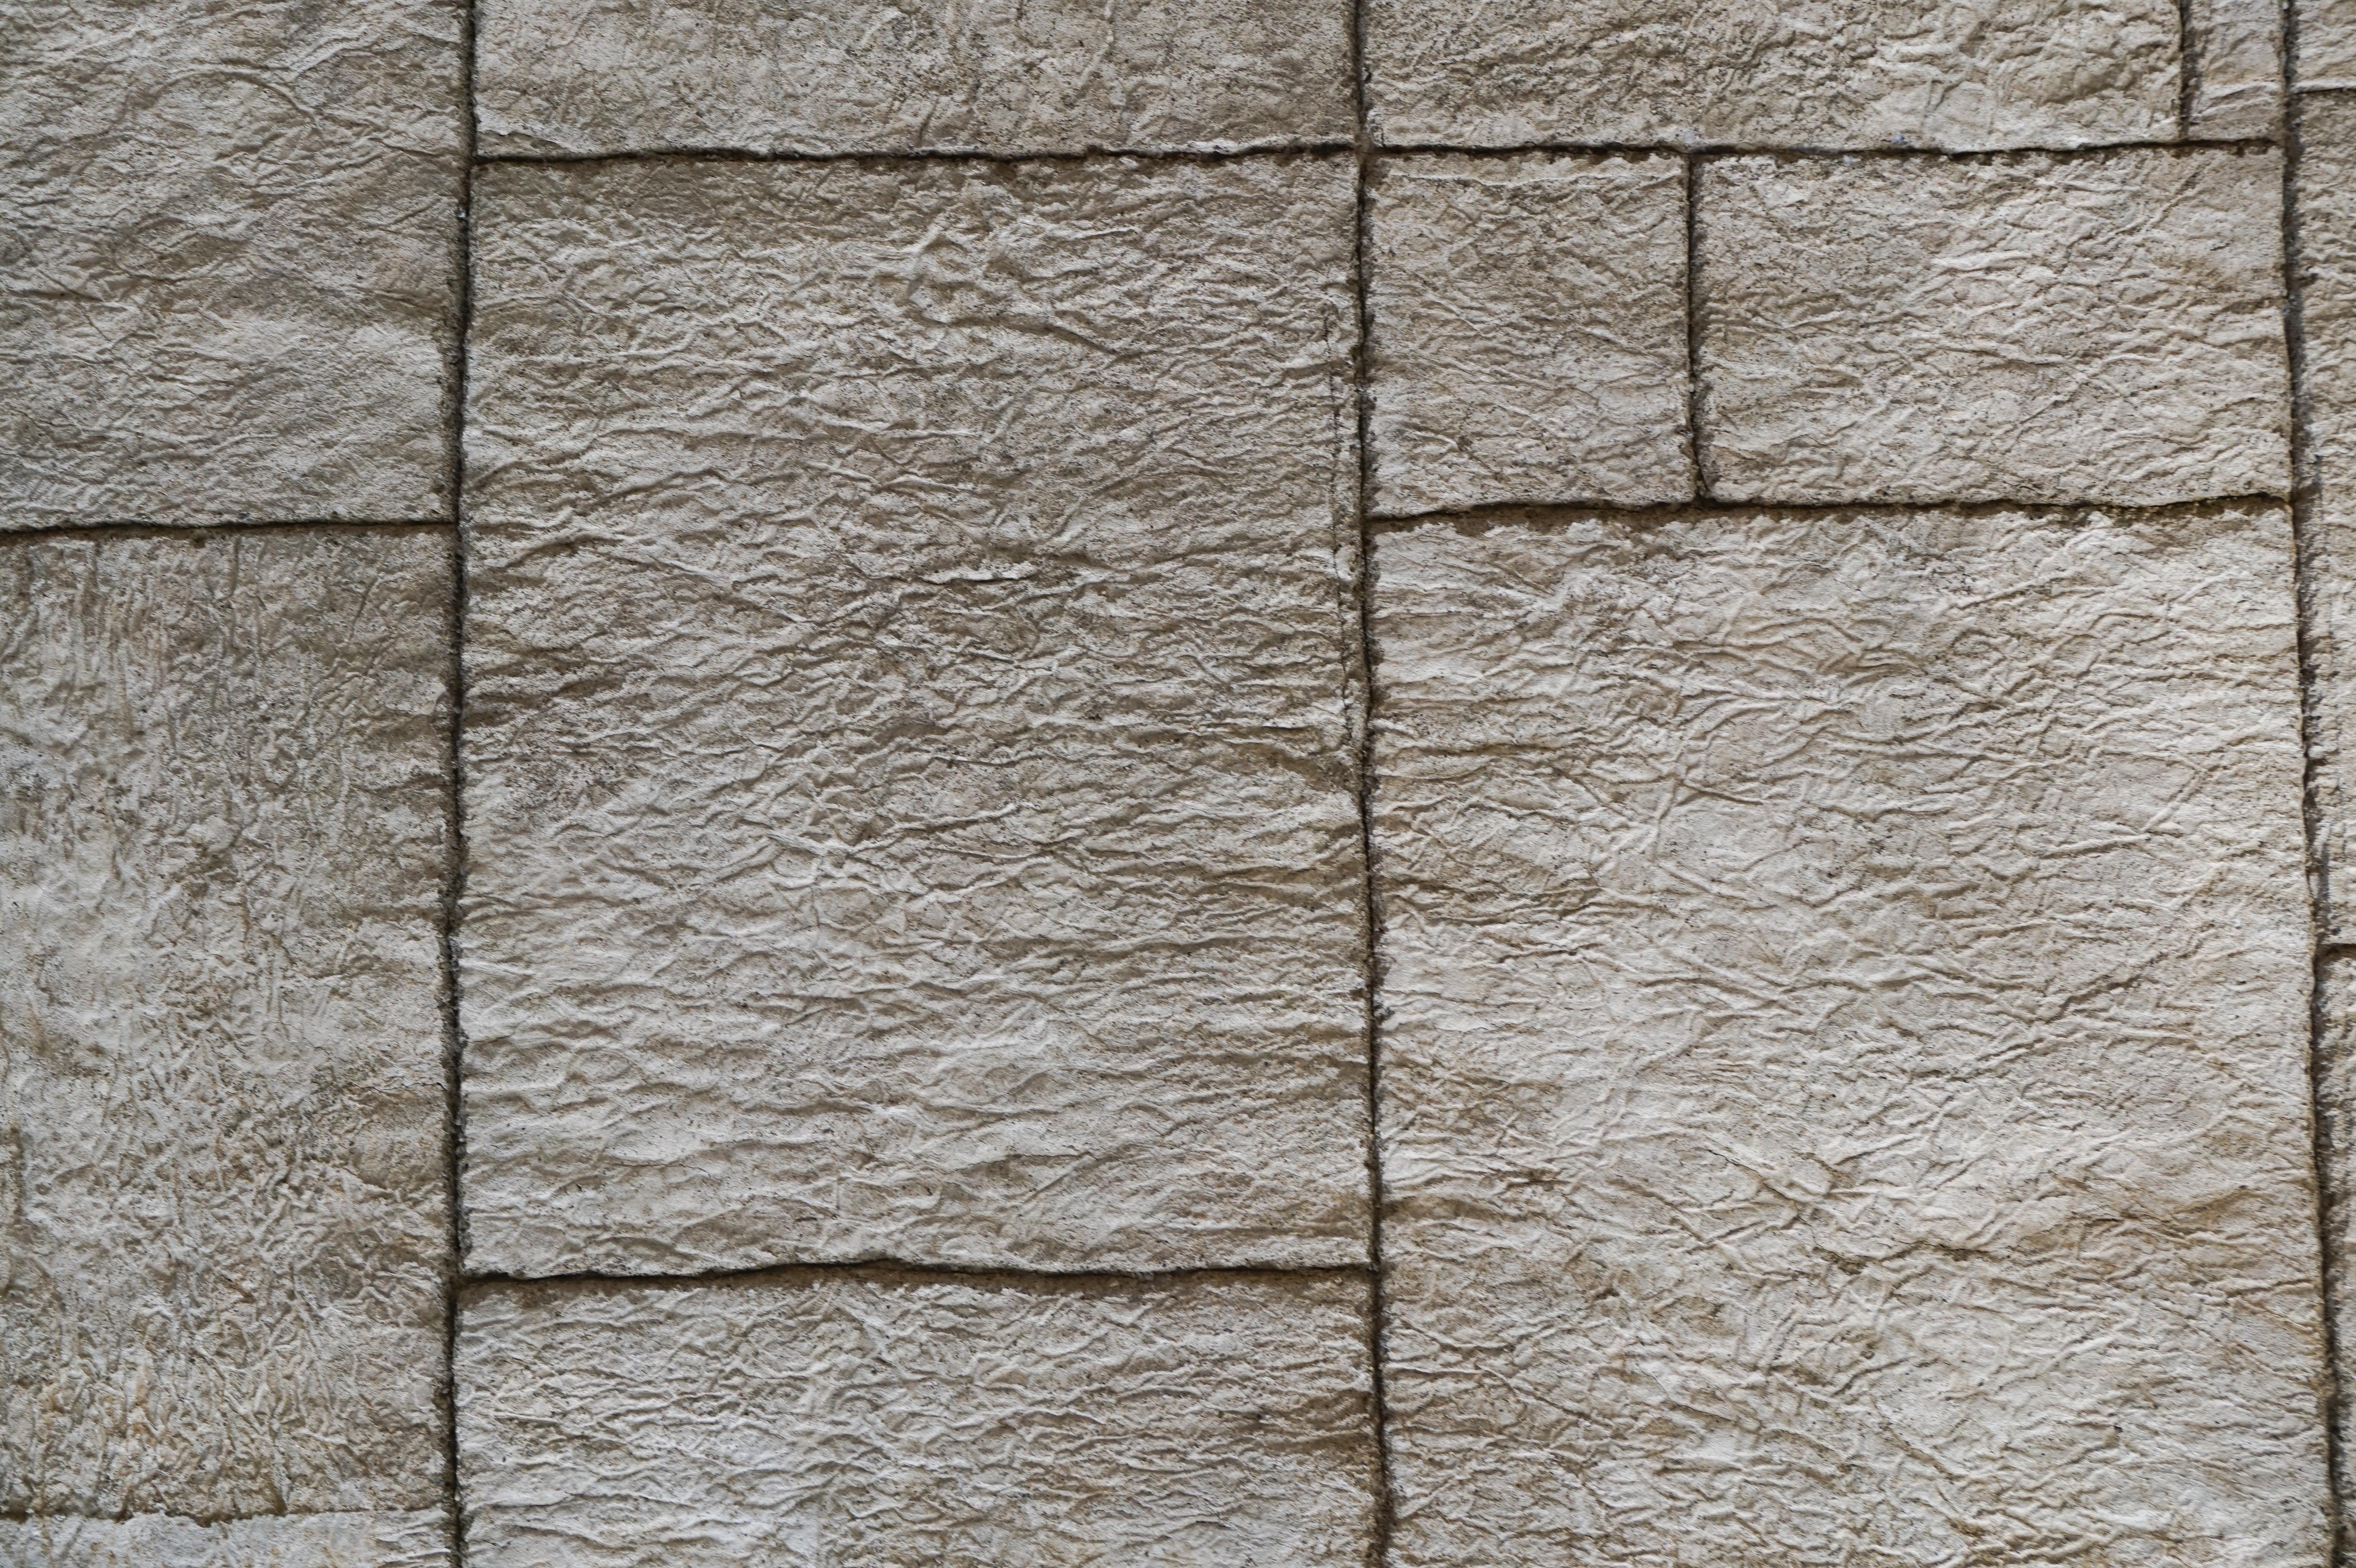 Stone Tile 005 Stone Texturify Free Textures